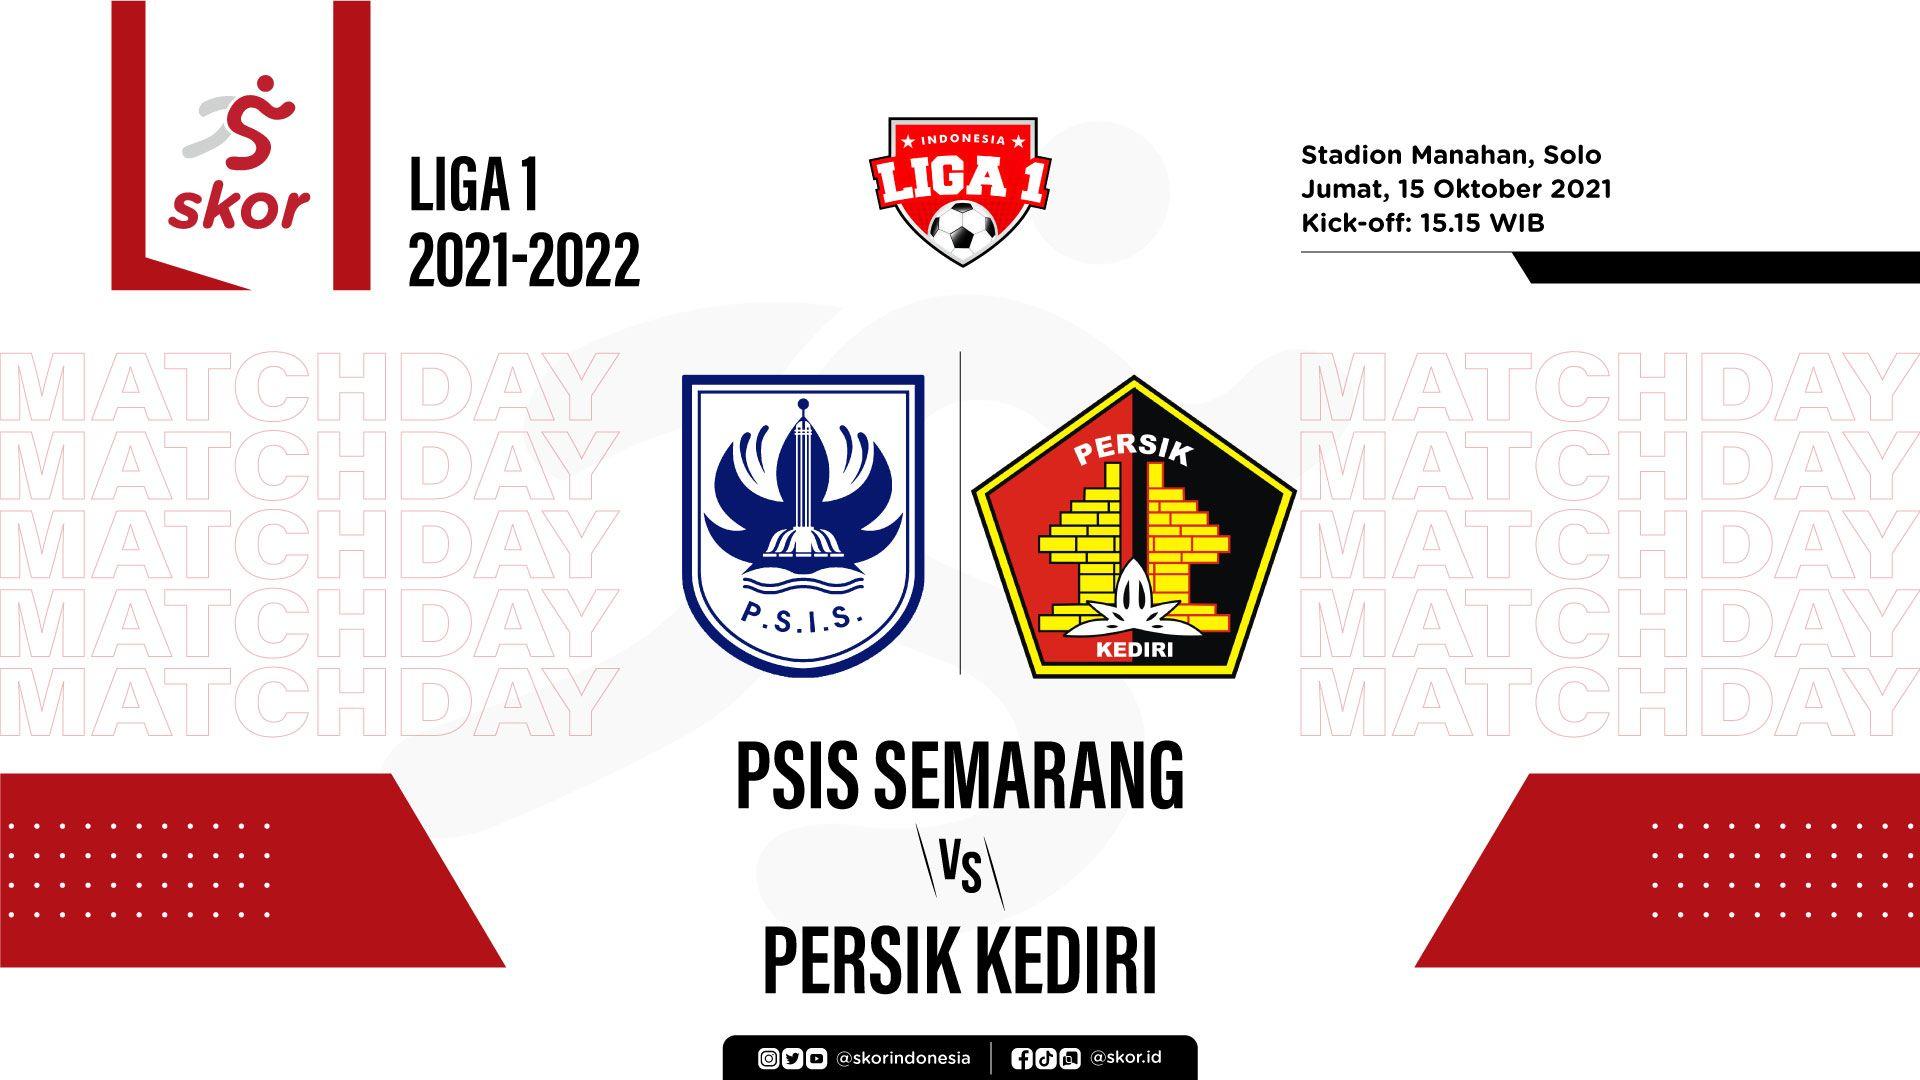 PSIS Semarang vs Persik Kediri